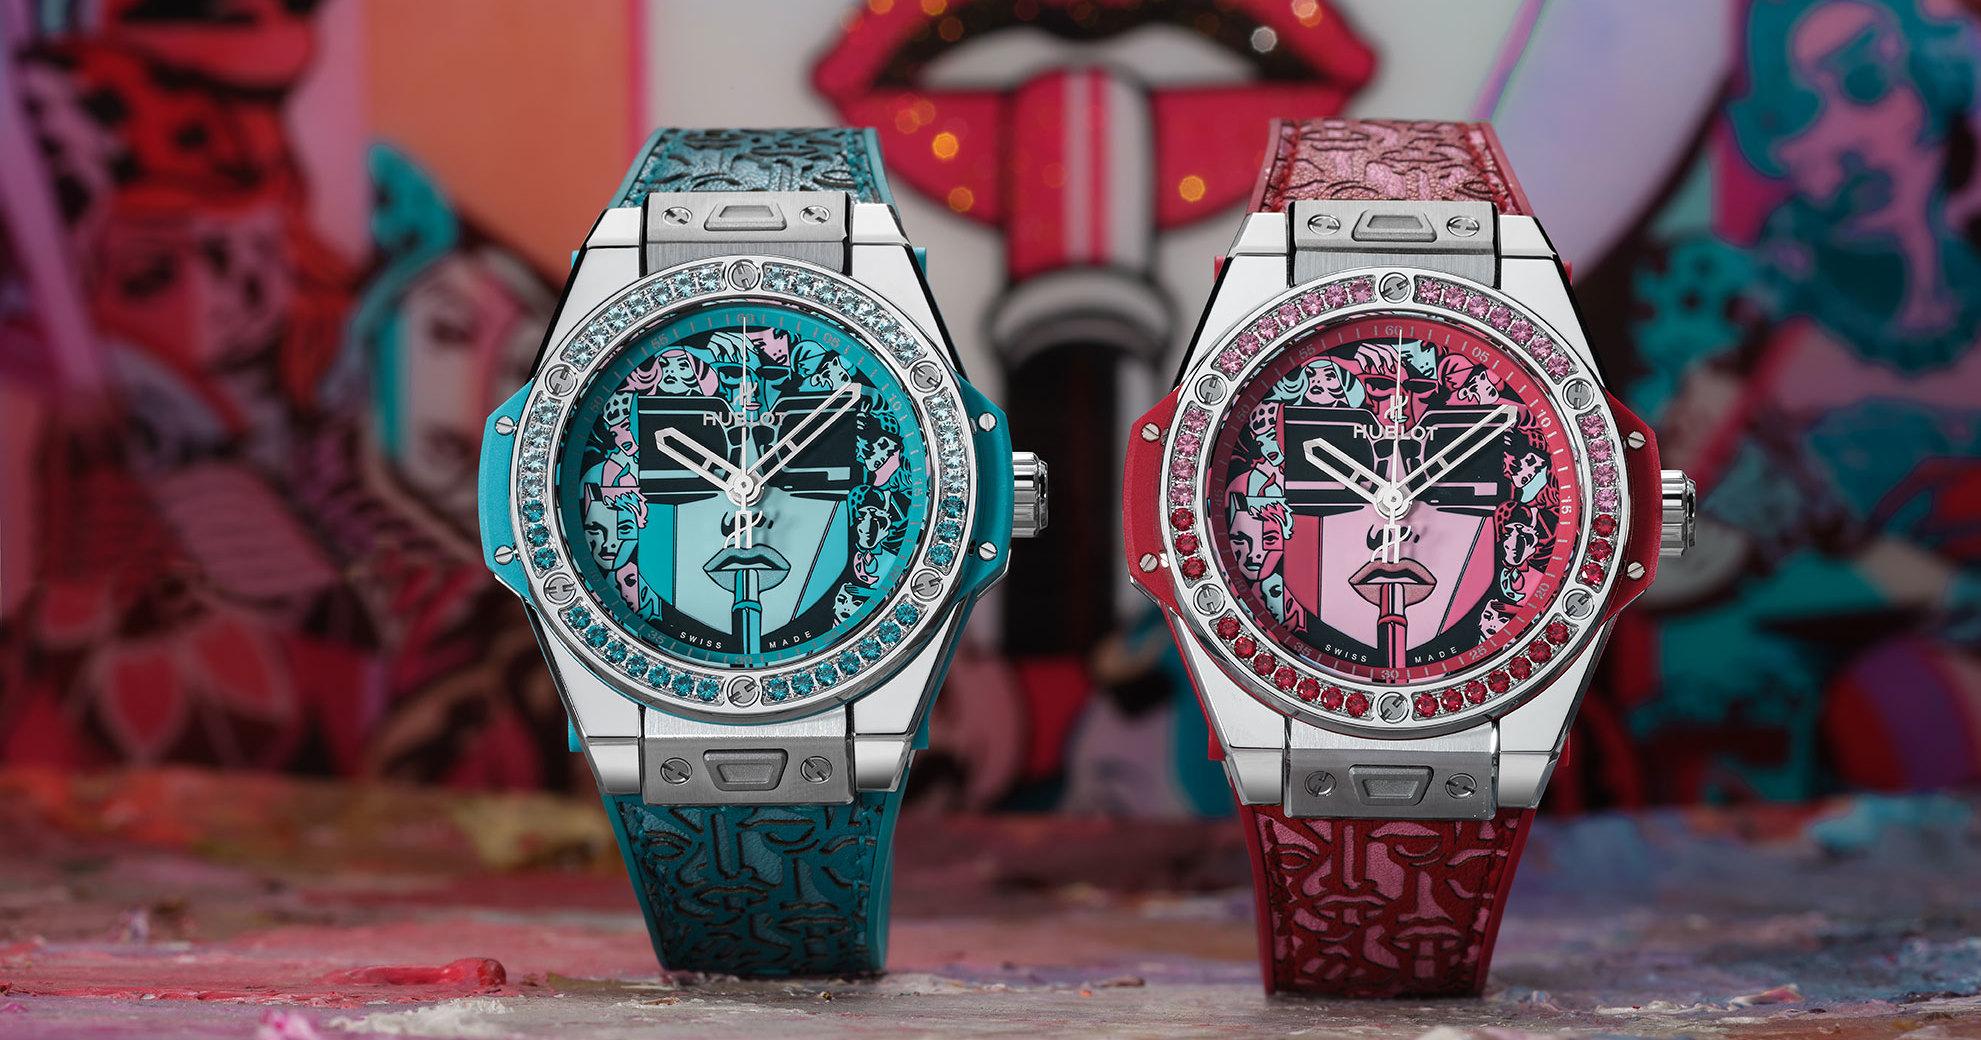 Новые часы Hublot созданы в сотрудничестве с Марком Ферреро